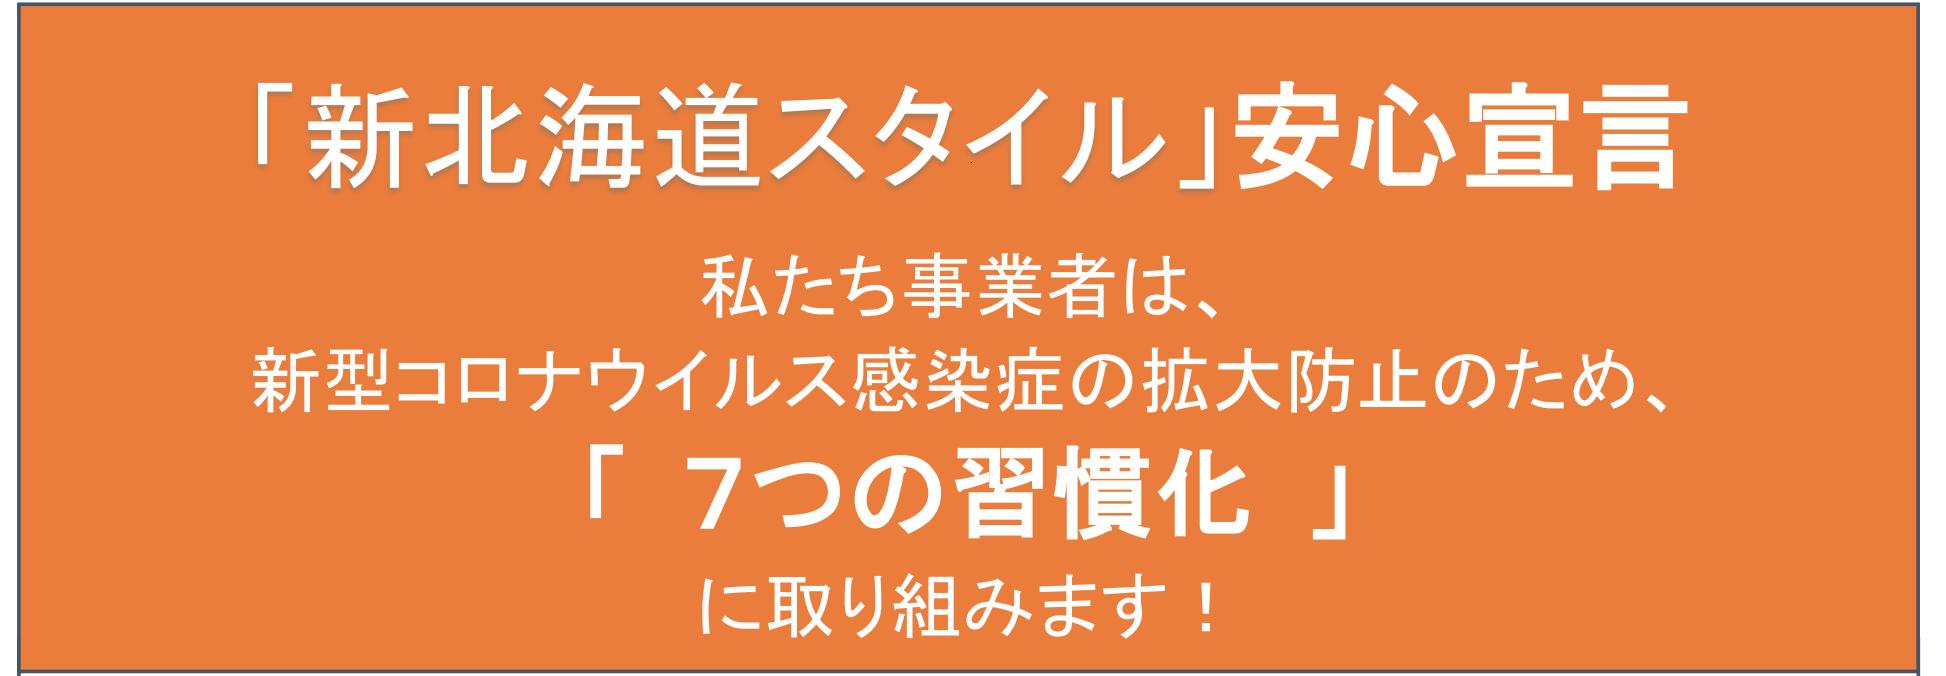 日本/タイ間を結ぶ9社の運航・運休路線 6月10日時点まとめ